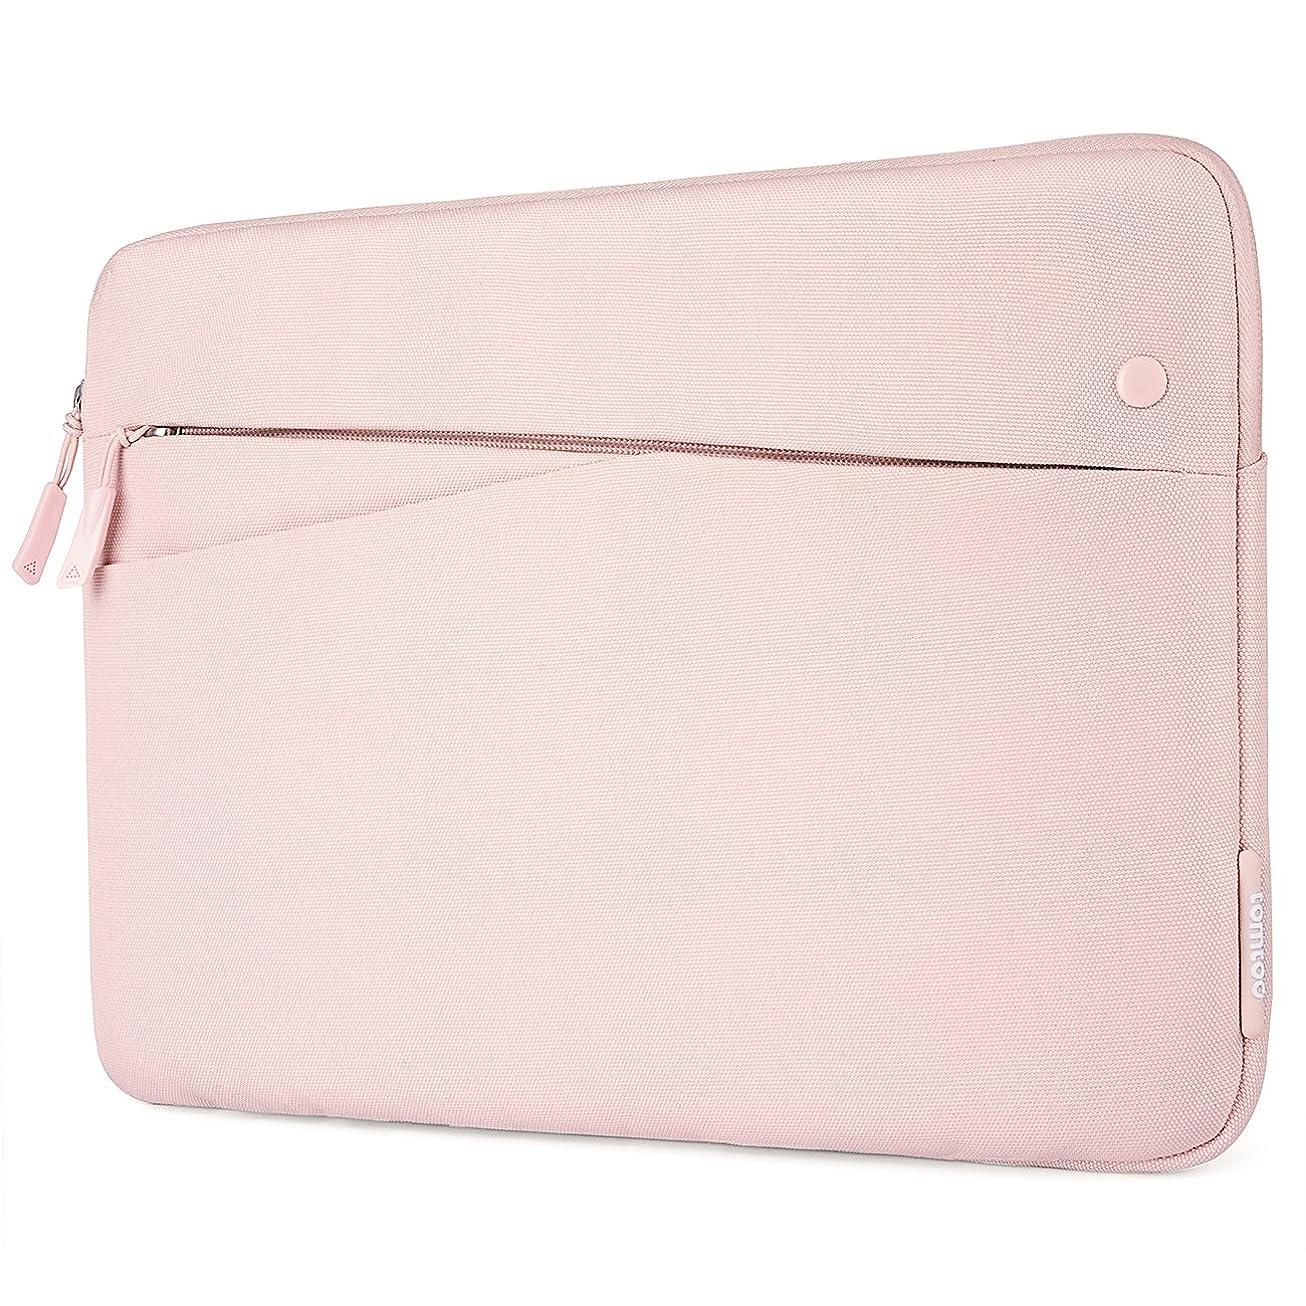 まともなケニアめまいtomtoc ラップトップ スリーブ 2018 新型 MacBook Air 13インチ Retinaディスプレイ (A1932) | 13インチ New MacBook Pro Touch Bar Late 2016 - 2018 (A1706 & A1708) | Dell XPS 13 | Surface Pro 5 / 4 / 3 対応,13